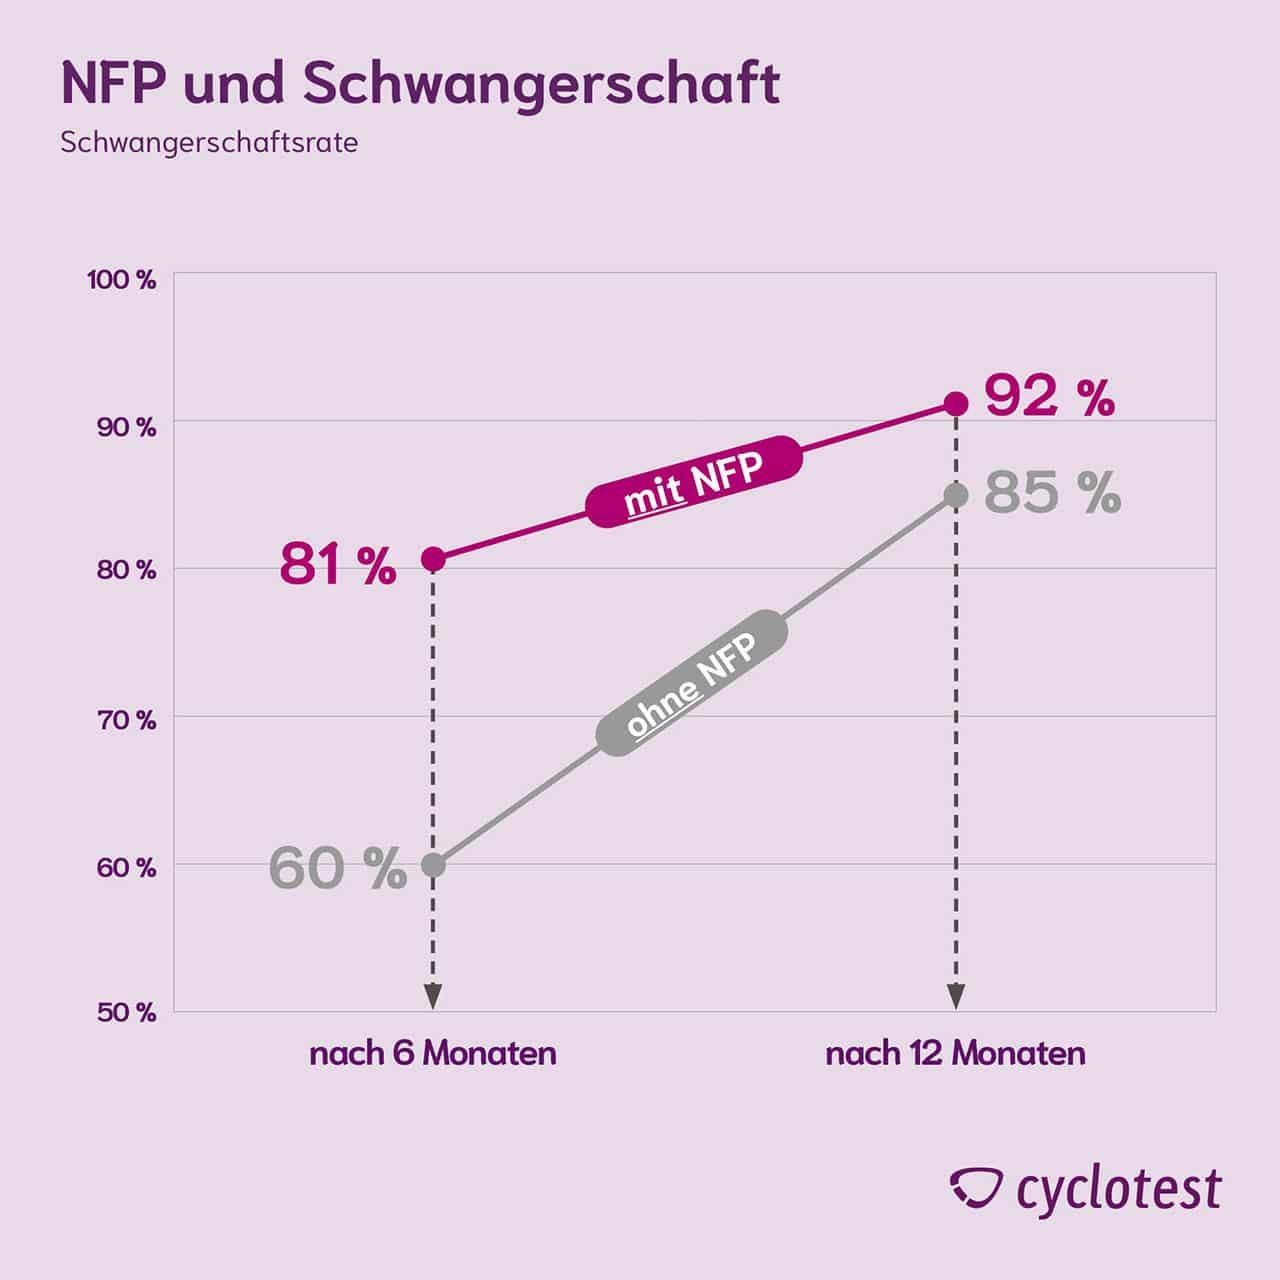 Die Schwangerschaftsrate mit und ohne NFP sind sehr unterschiedlich.